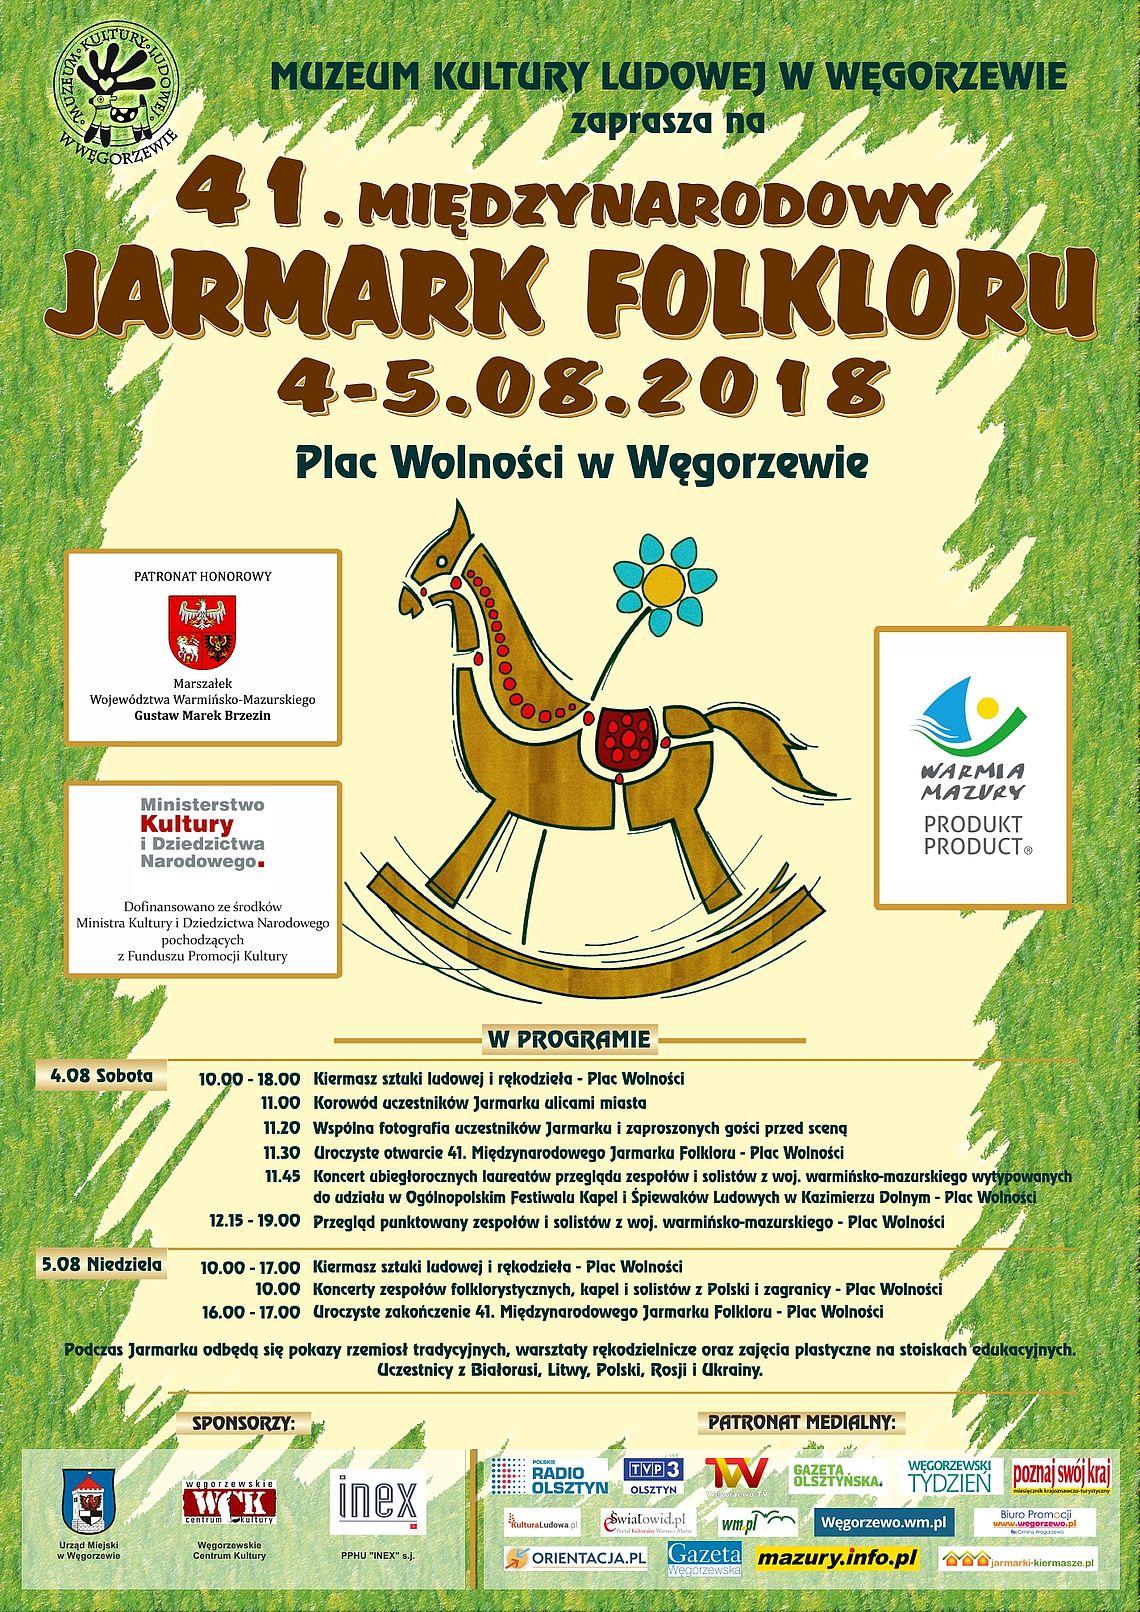 Międzynarodowy Jarmark Folkloru